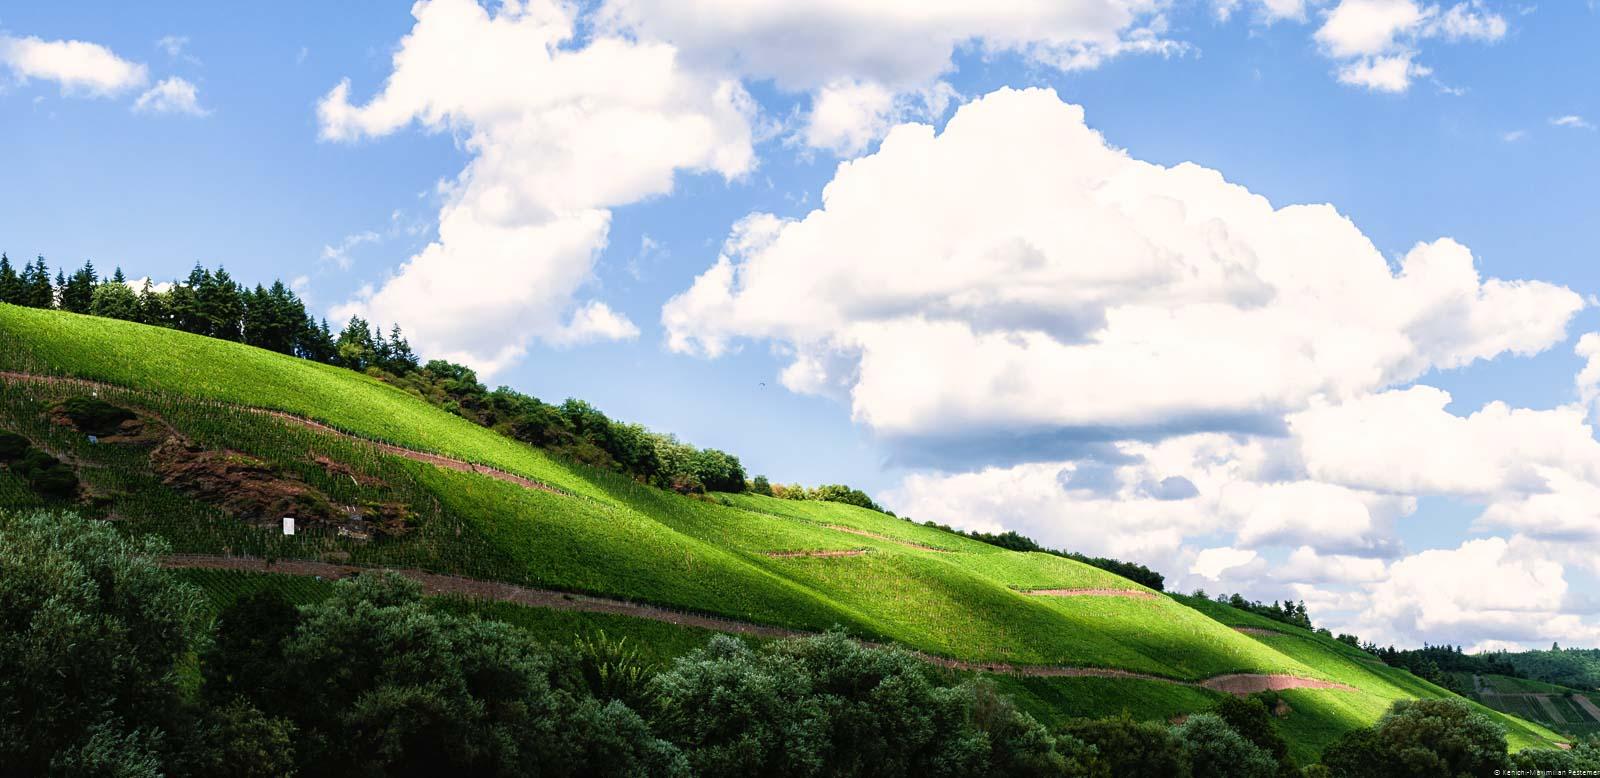 Unten befinden sich Bäume. Dahinter schlängelt sich der Weinberg Brauneberger Juffer Sonnenuhr in der Mitte des Bildes. Der blaue Himmel ist bewölkt.